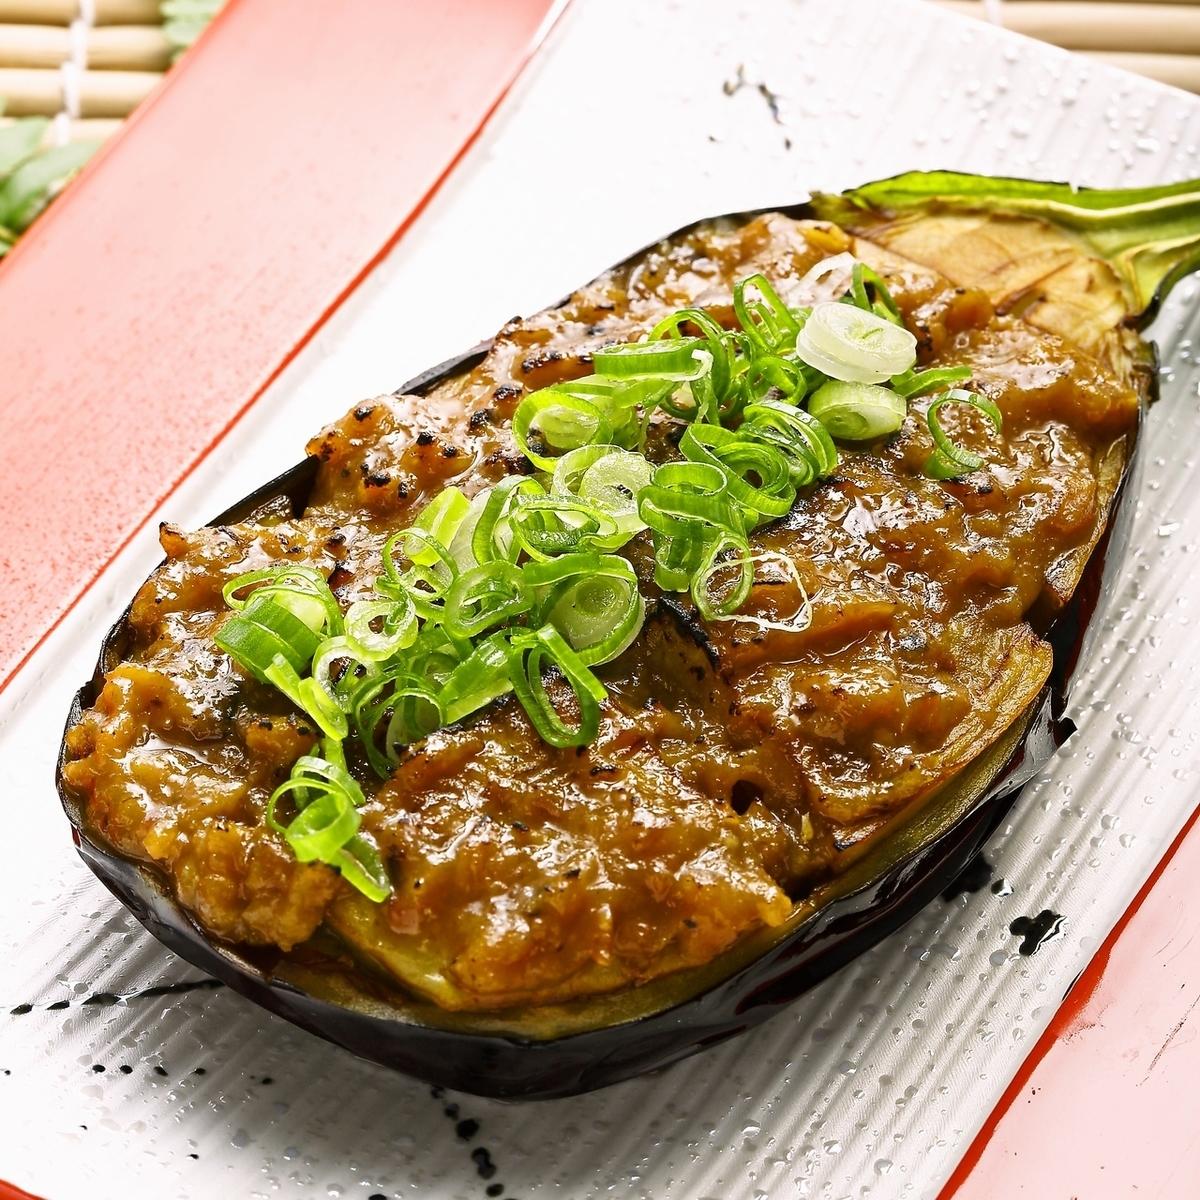 炒茄子特别鲣鱼鲣鱼味噌烧烤